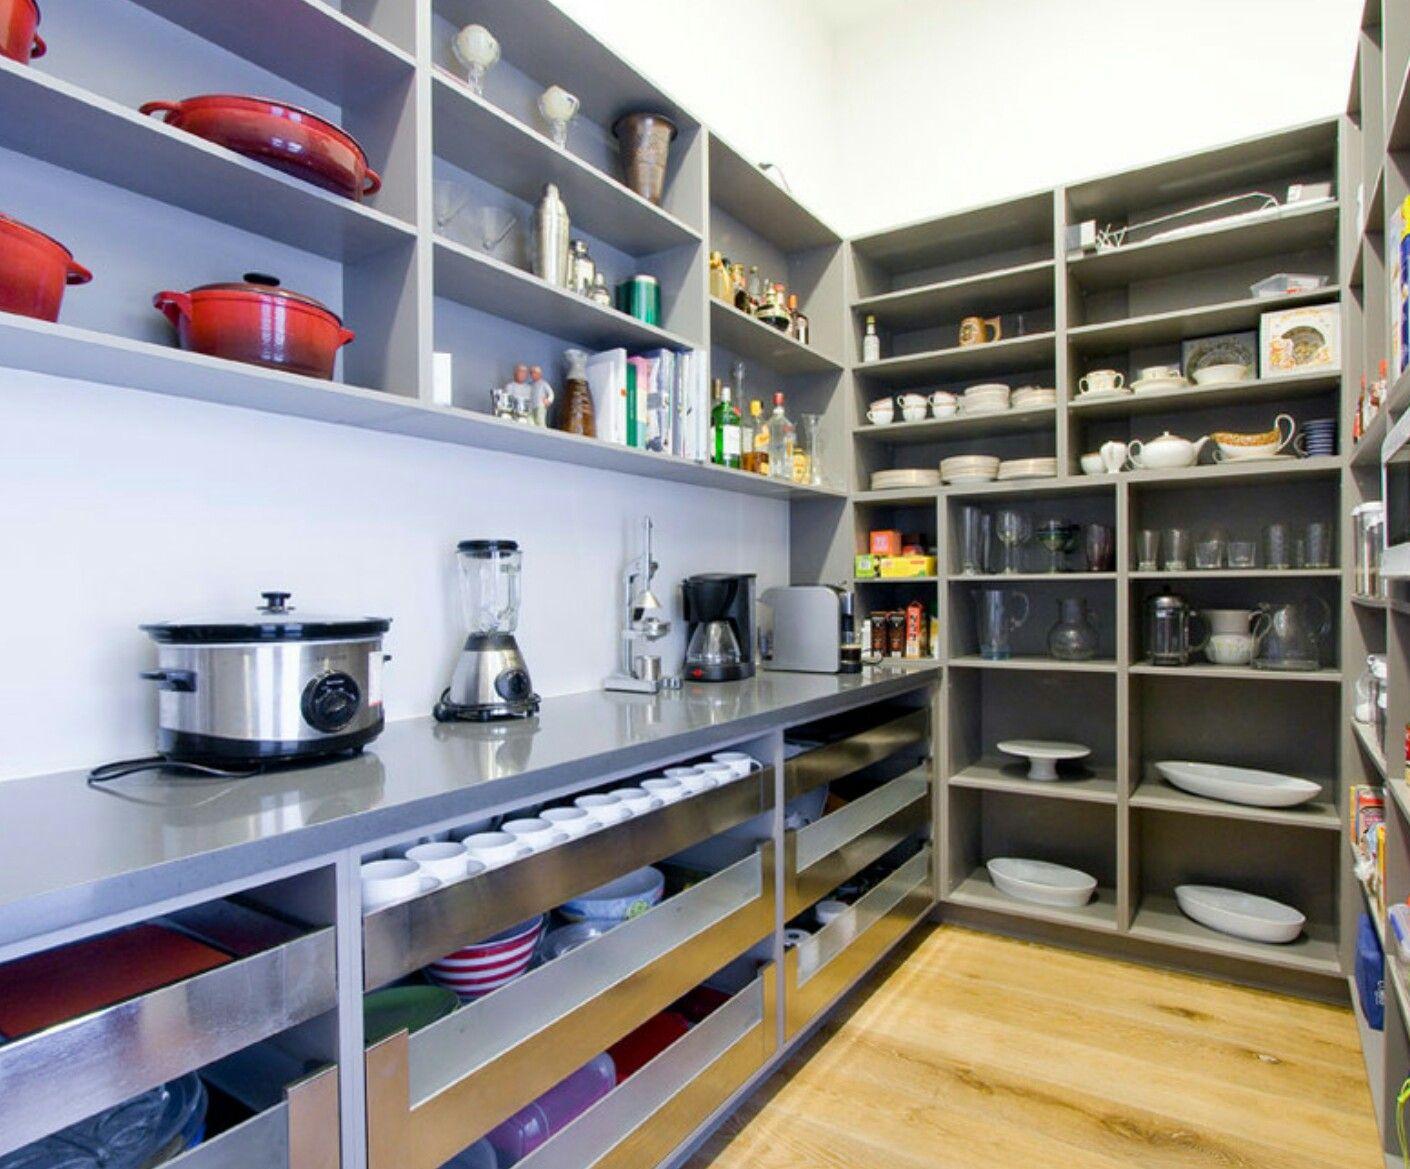 Küchenschränke mit hohen decken pin von nicole auf haushaltsraum  pinterest  speisekammer raum